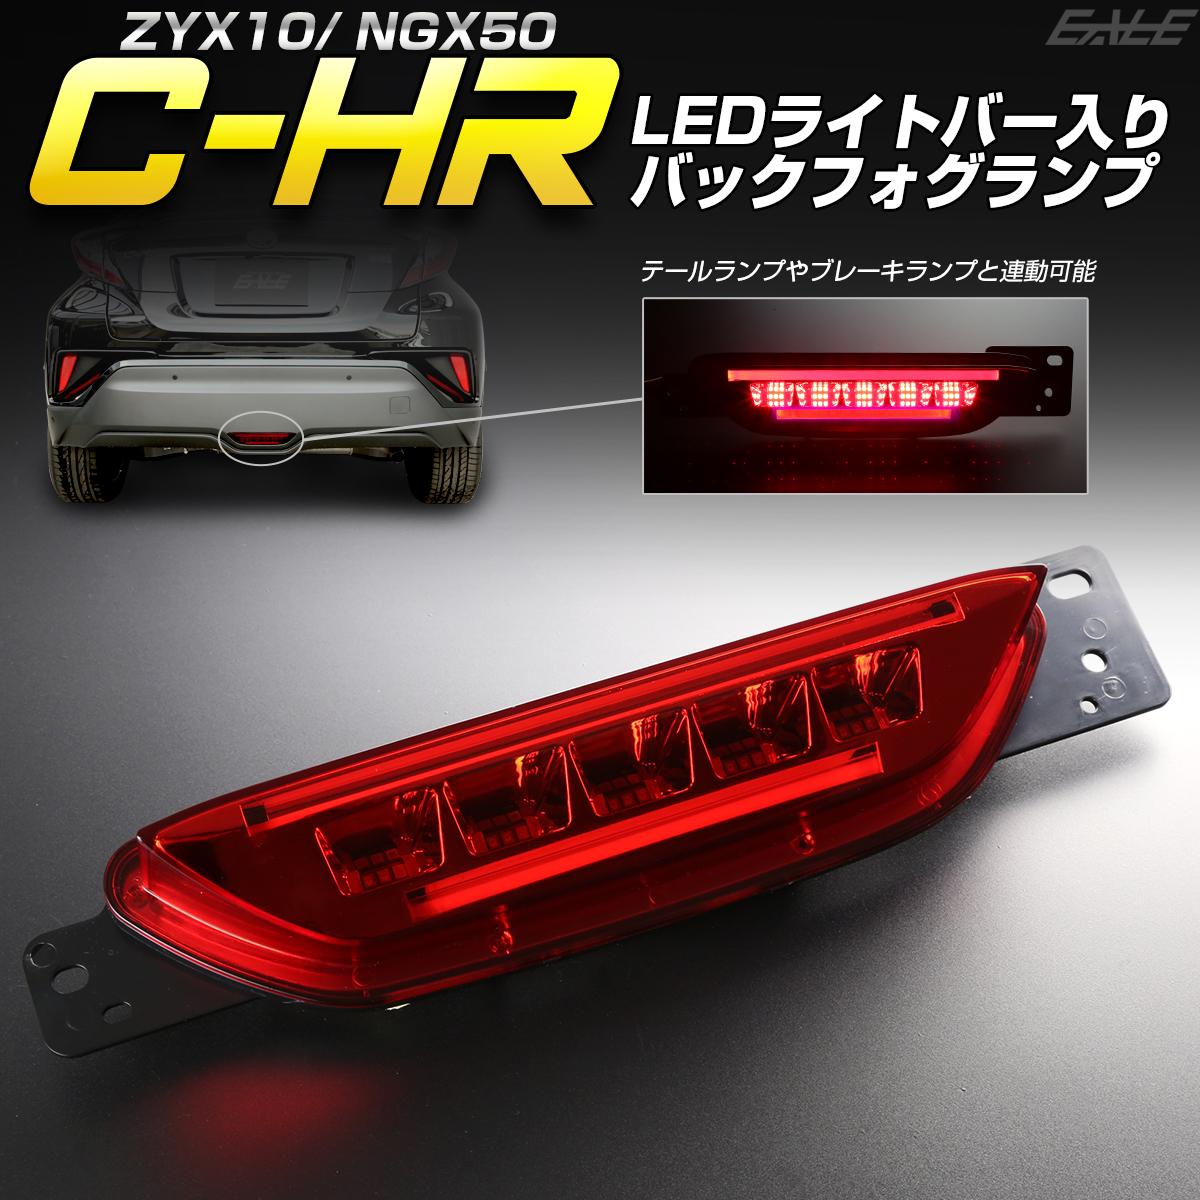 トヨタ C-HR 専用 LEDライトバー入り バックフォグ リアフォグ ランプ ZYX10 NGX50 P-391